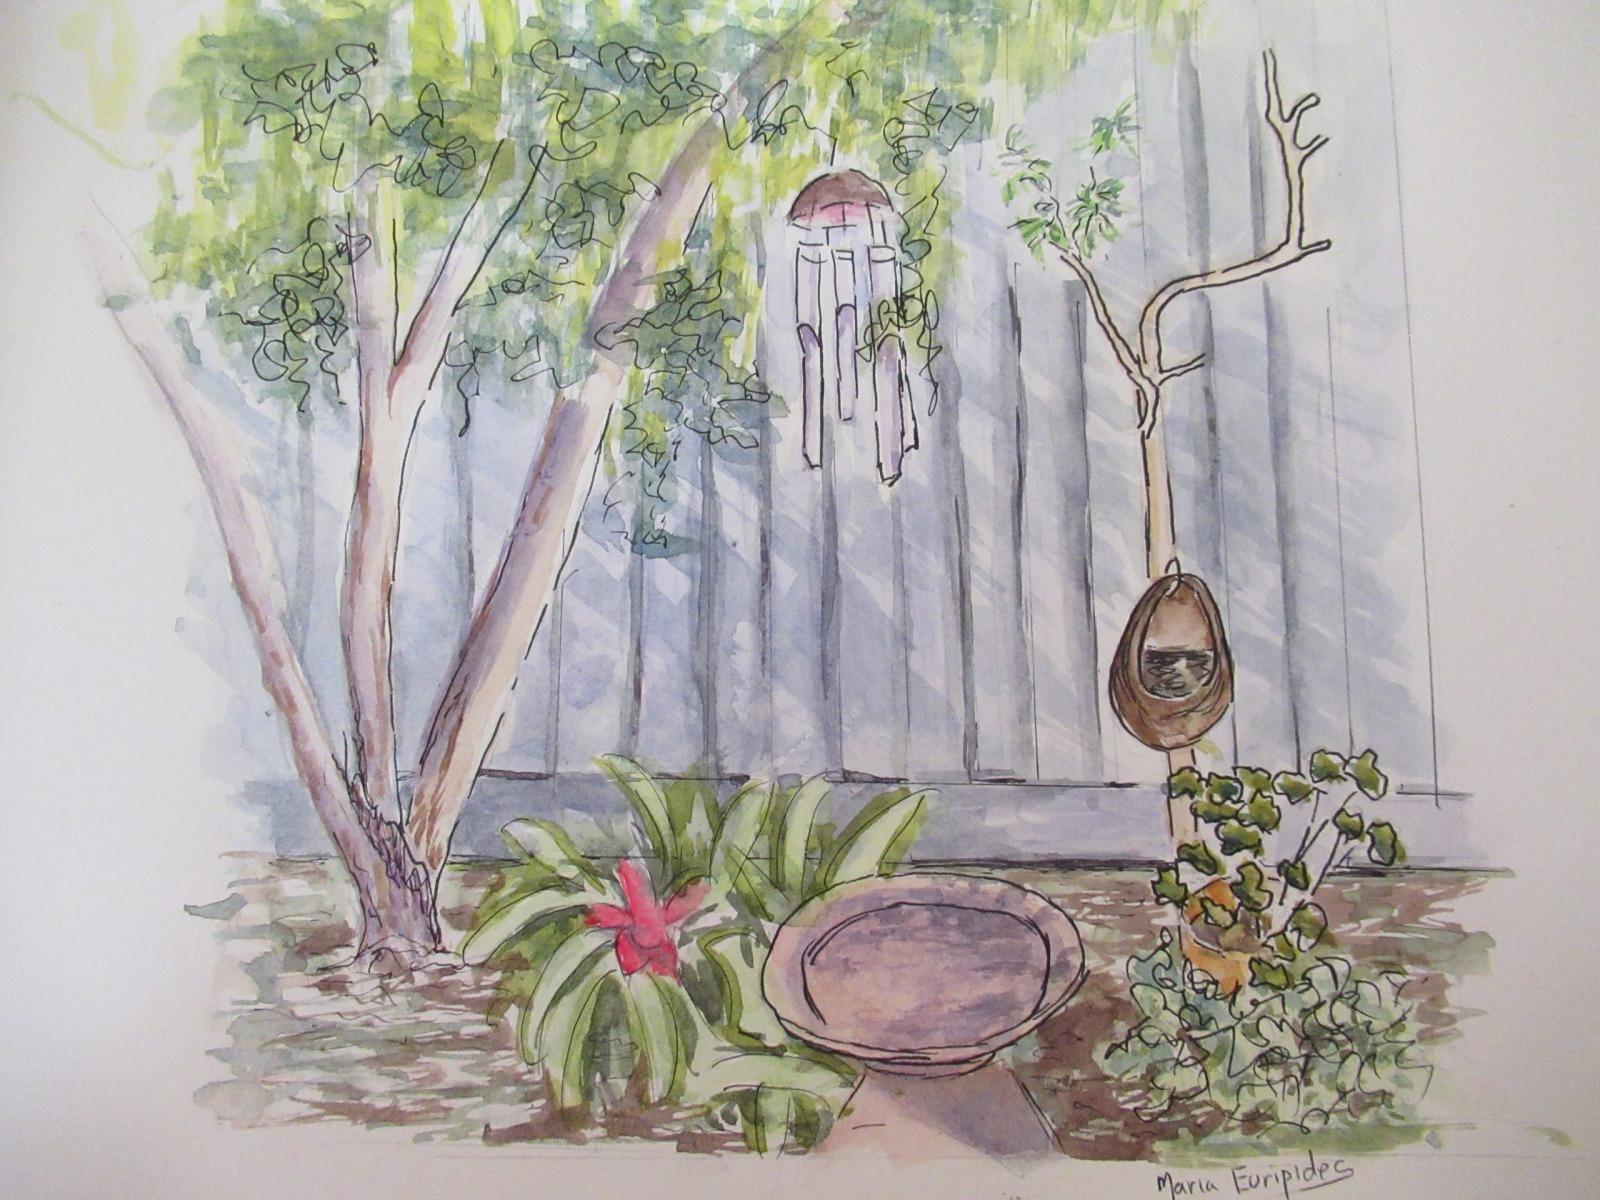 Maria Euripides - In My Garden